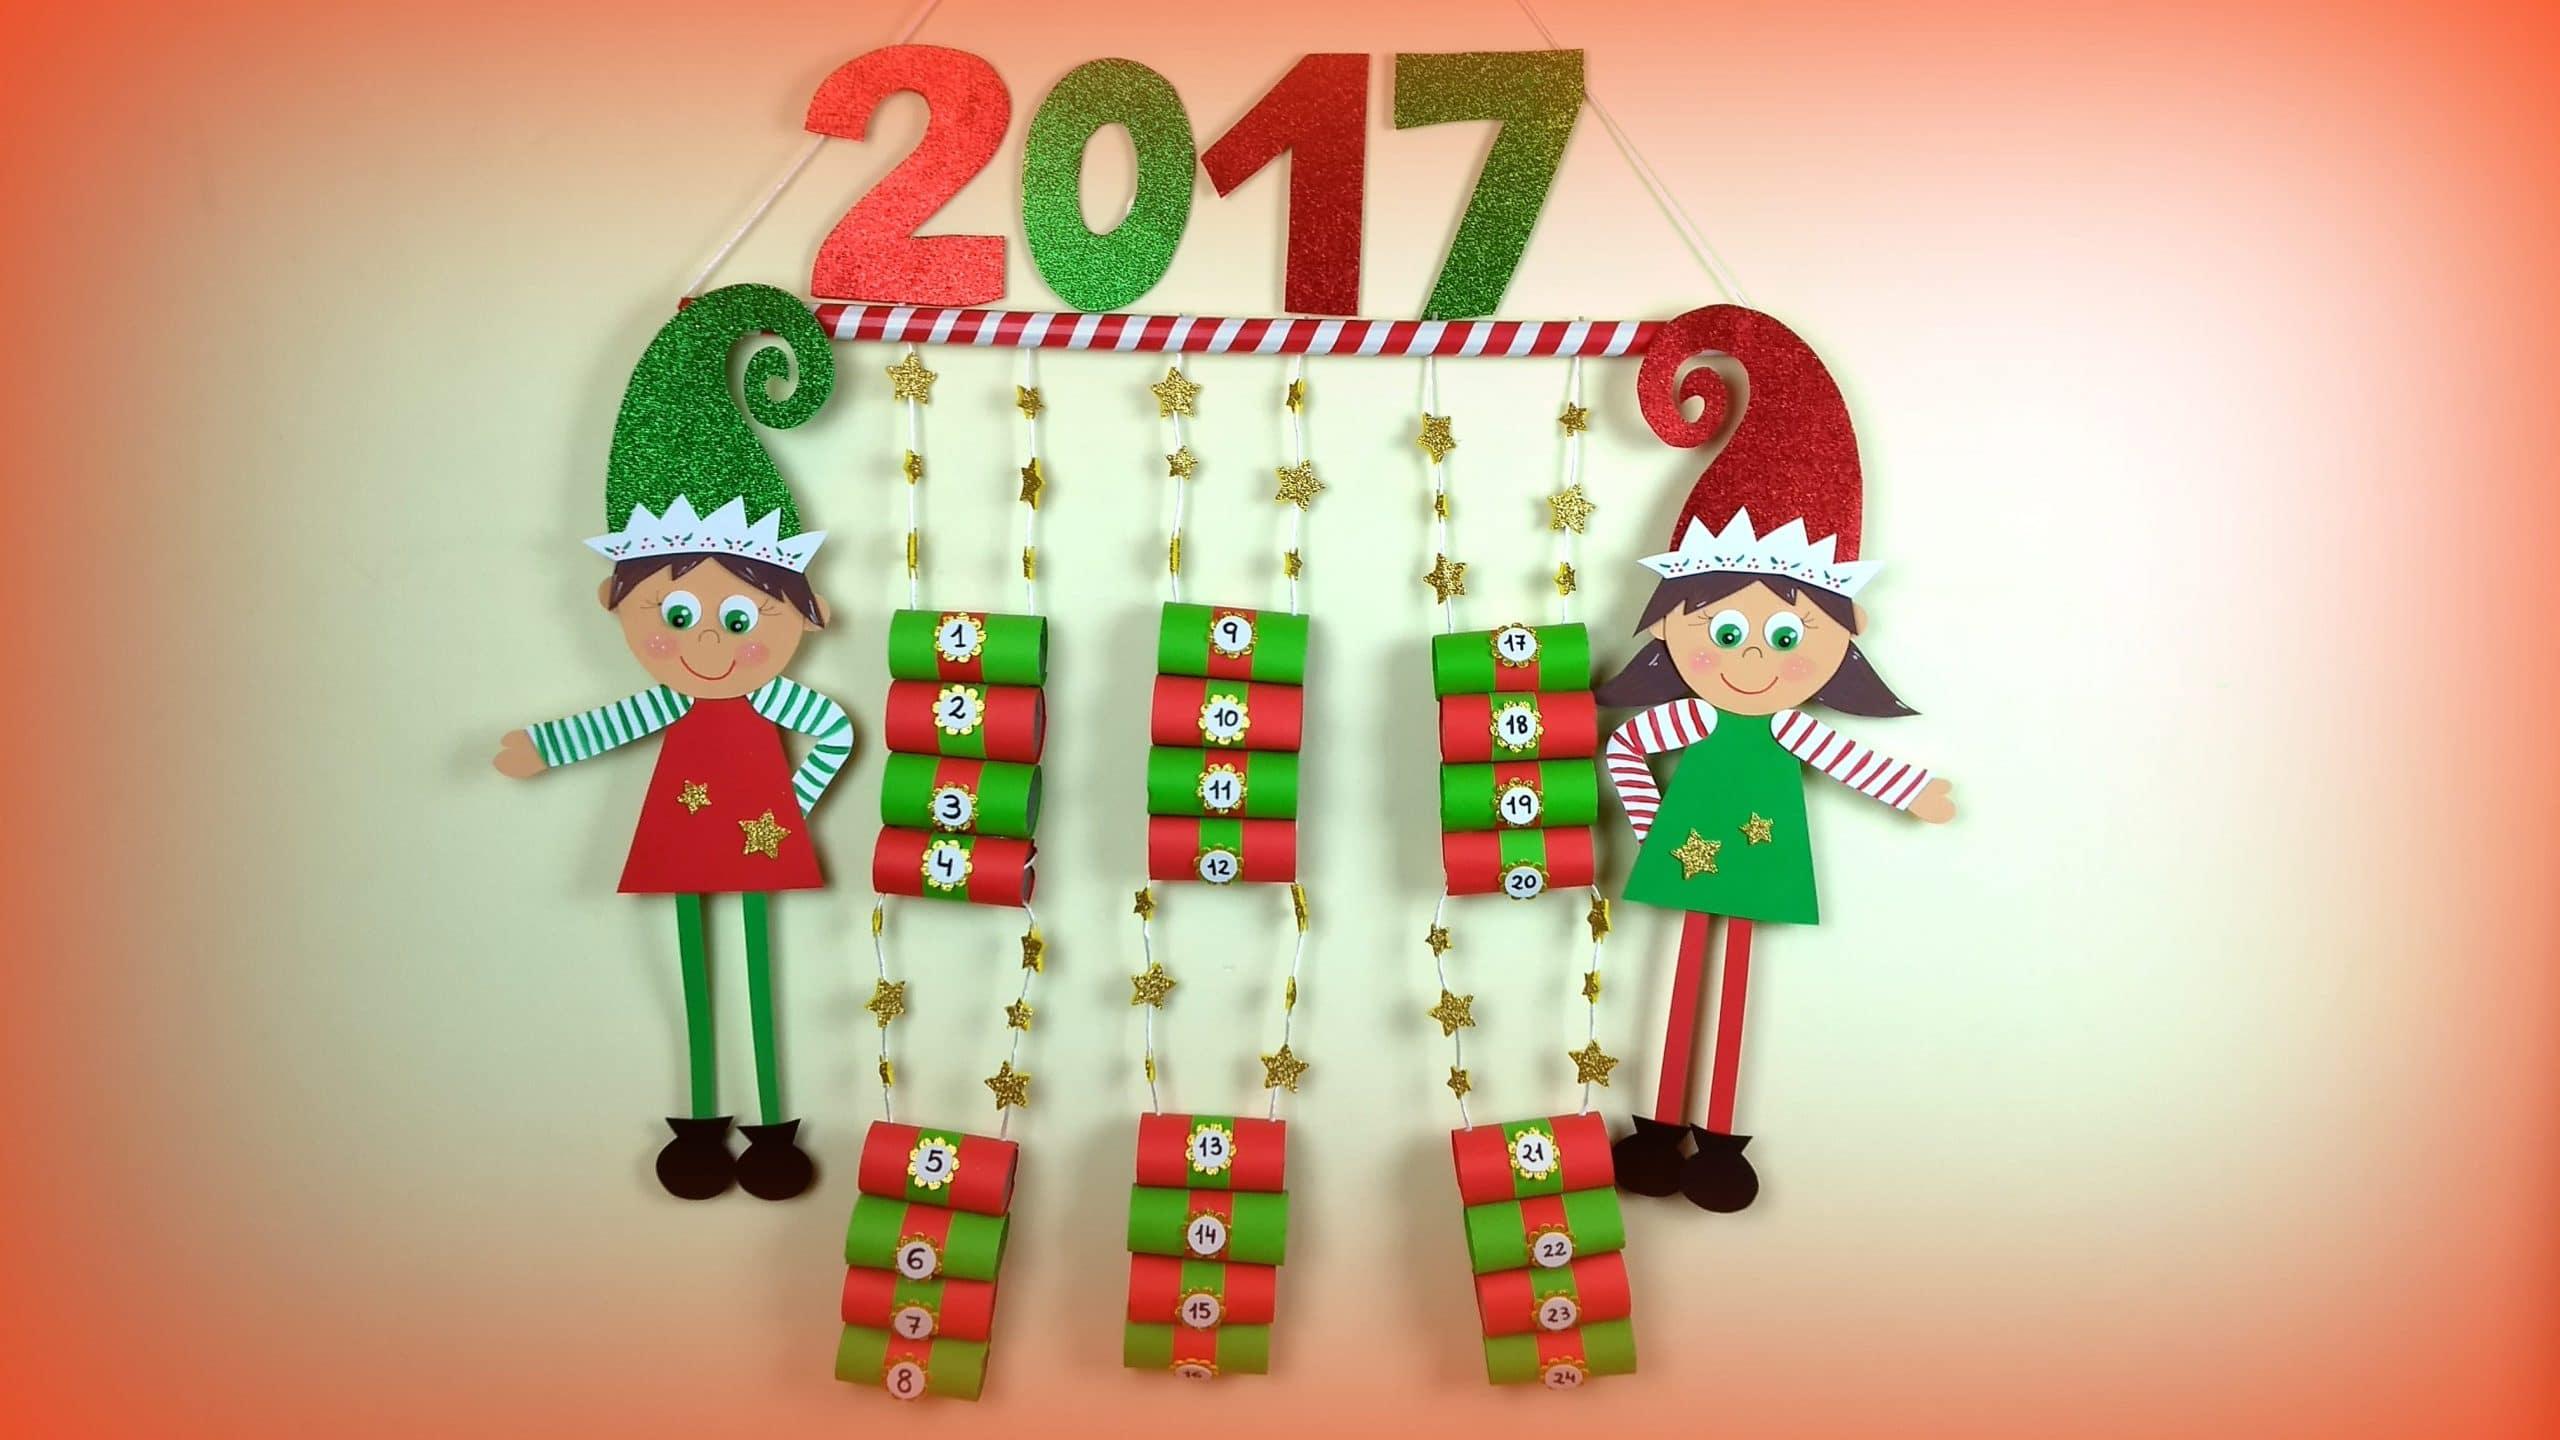 Calendario De Adviento 2017 Con Material Reciclado - Calendario-de-adviento